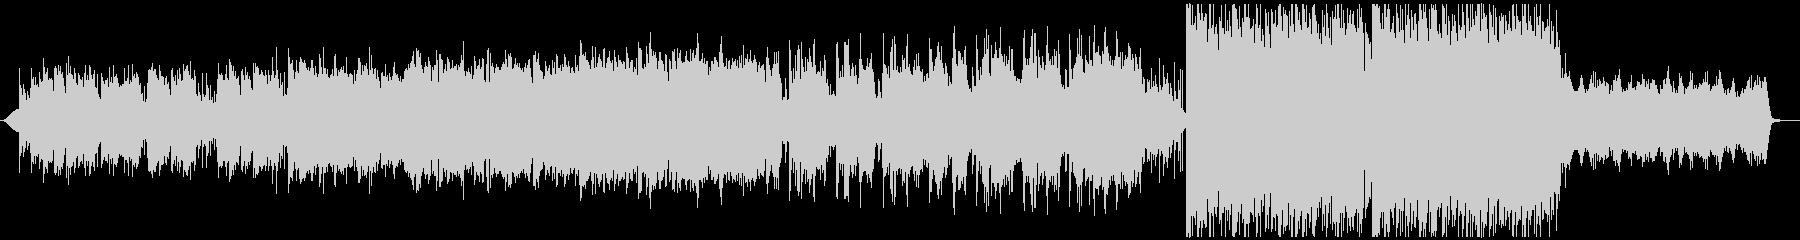 フルートの旋律が美しいケルト風な切ない曲の未再生の波形